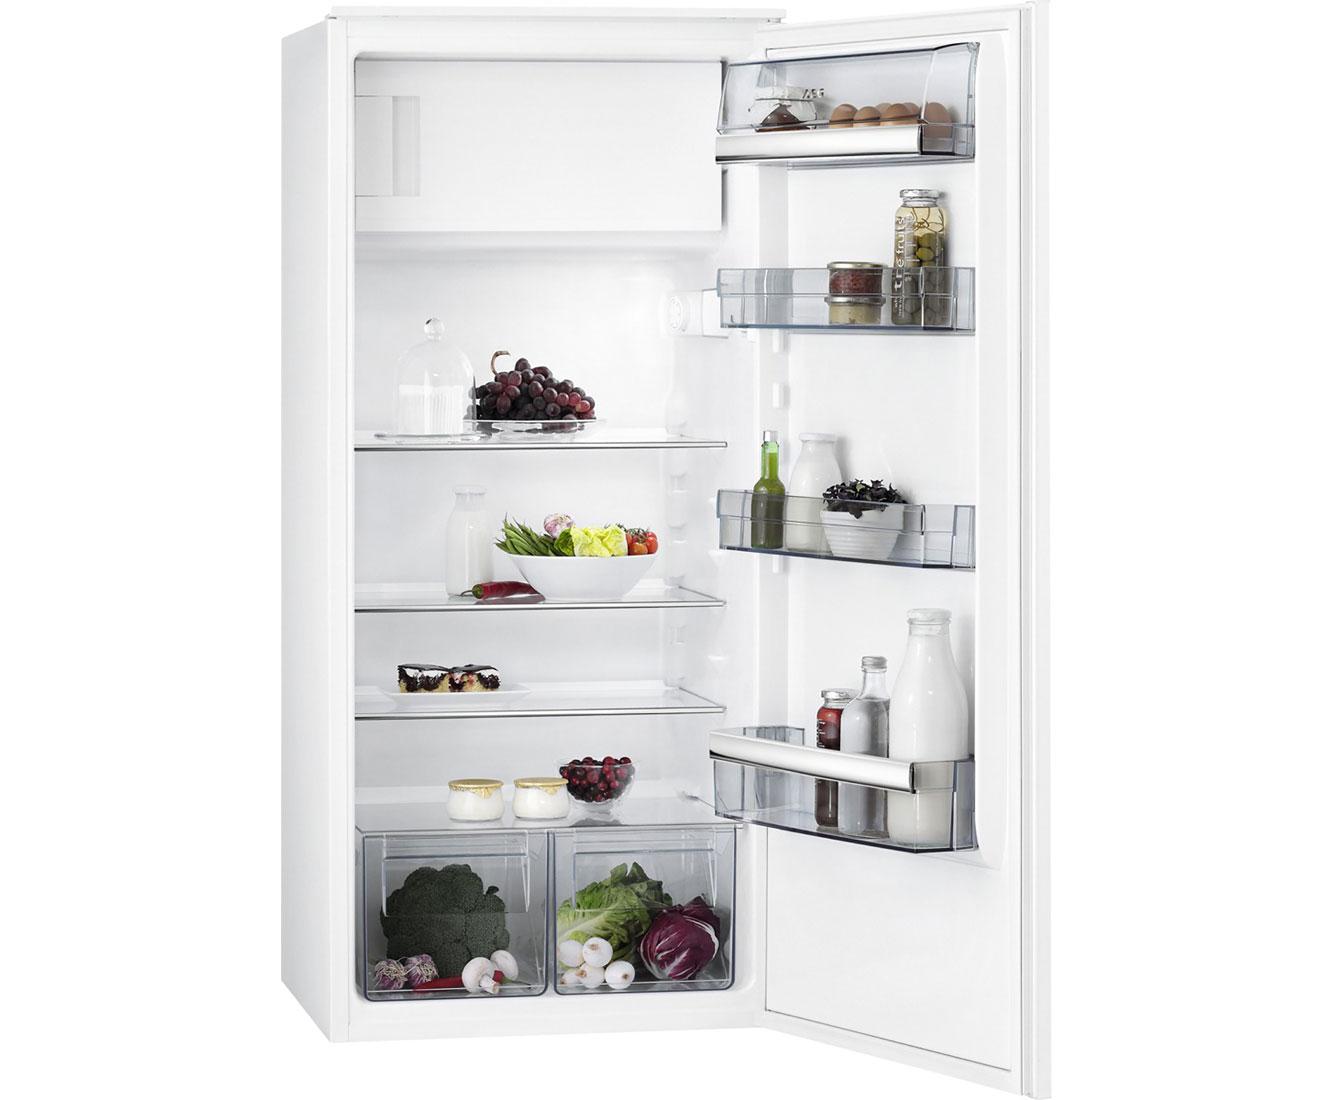 Aeg Santo Kühlschrank Mit Gefrierfach : Aeg santo sfa aas einbau kühlschrank mit gefrierfach er